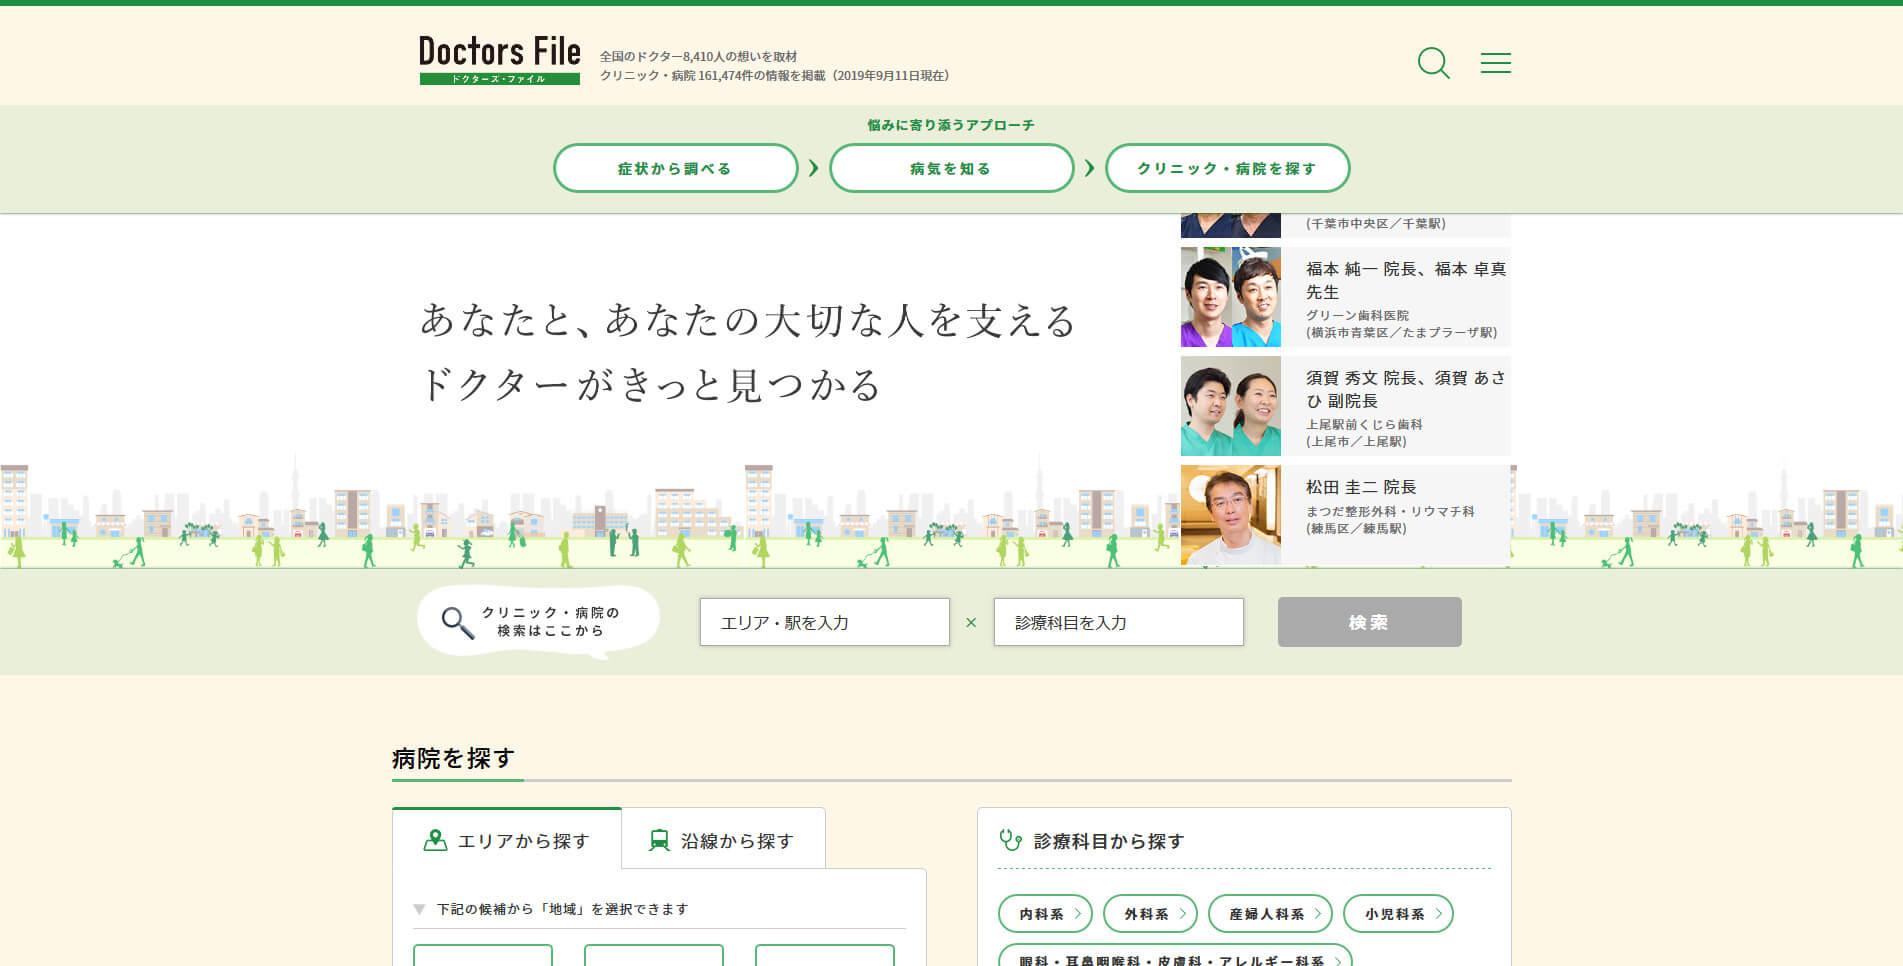 【最新】勝手にホームページリニューアル分析〜ドクターズ・ファイル編〜